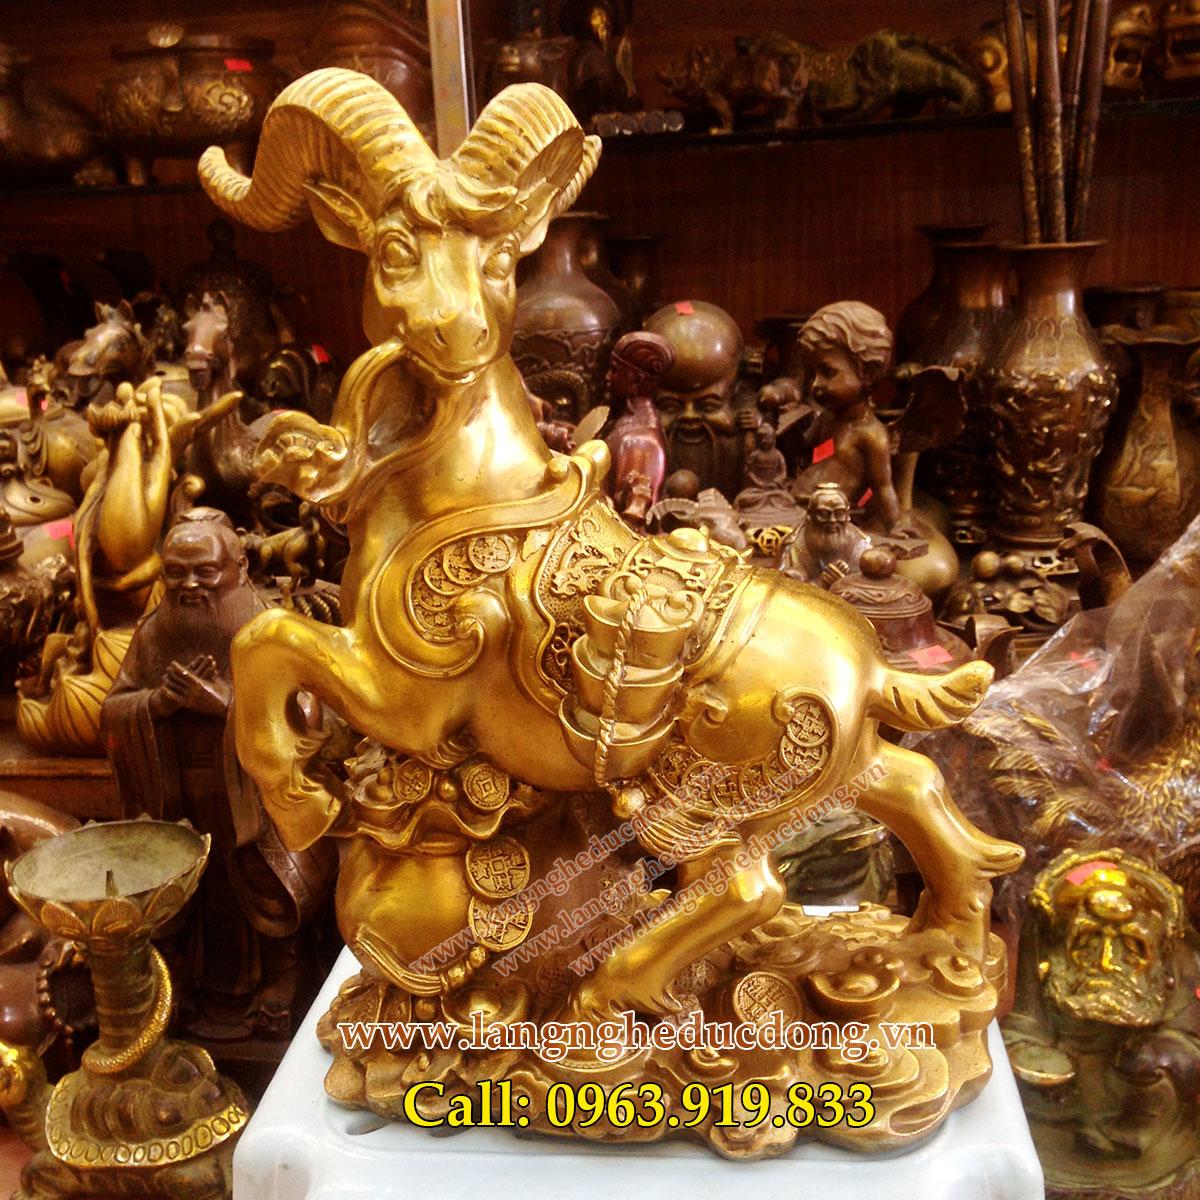 langngheducdong.vn - tượng 3 dê đồng phong thủy, mẫu tượng tam dương 13cm